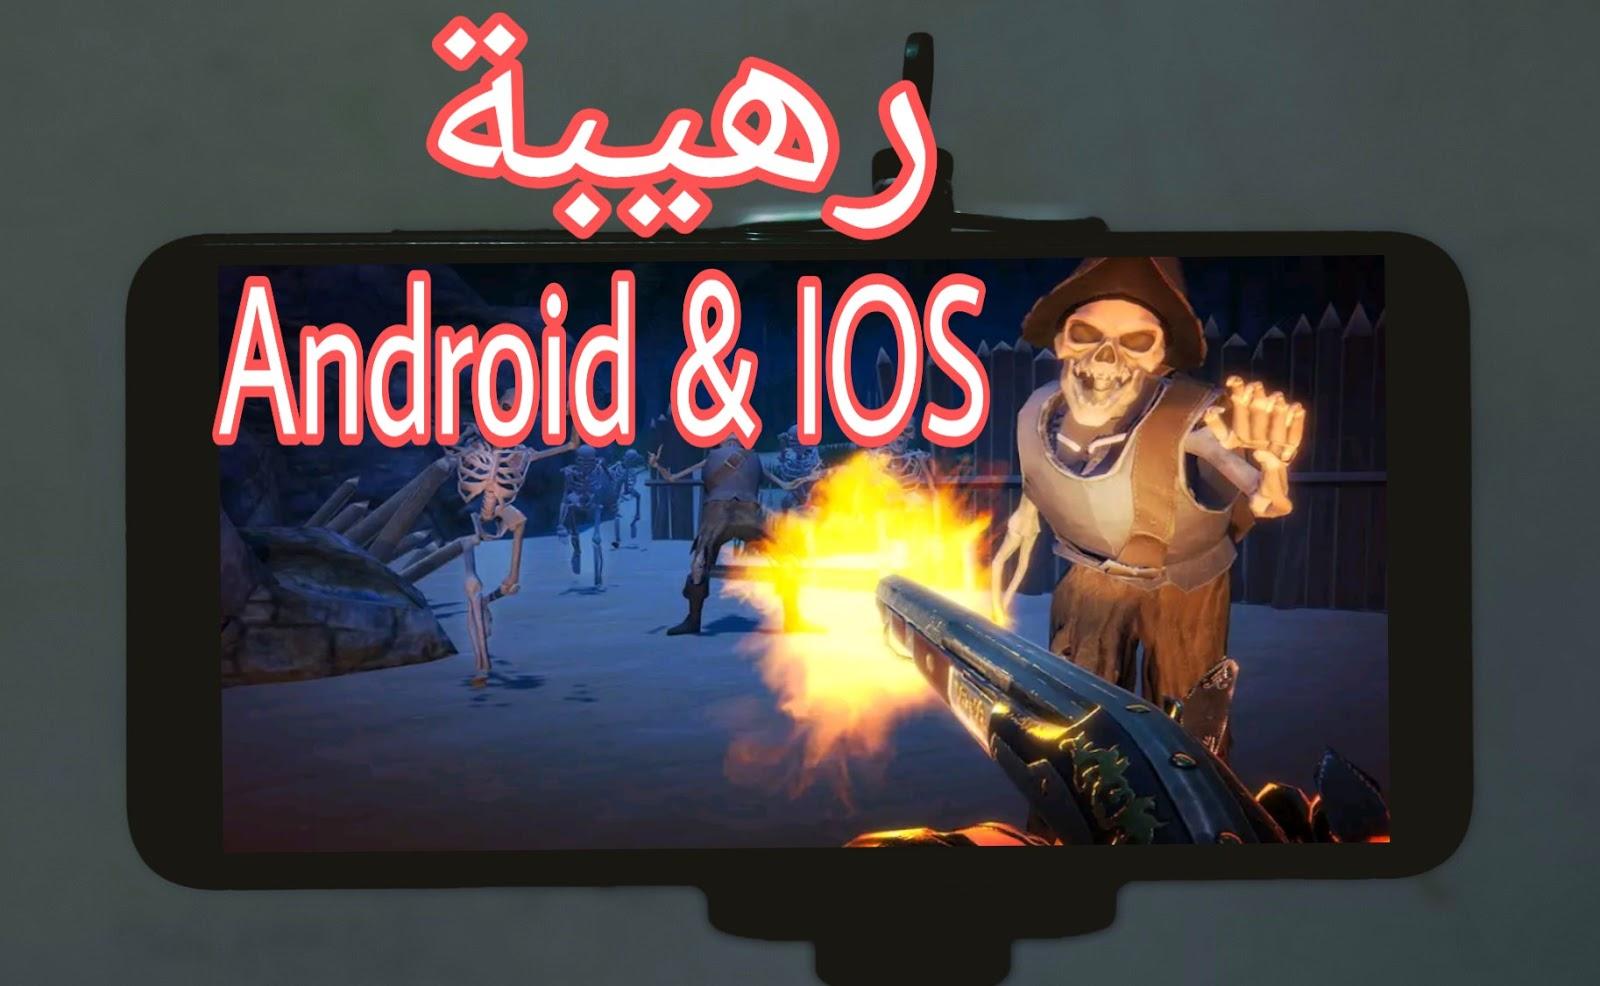 تحميل لعبة last pirate survival island لهواتف الأندرويد والأيفون بحجم 83 ميجا فقط